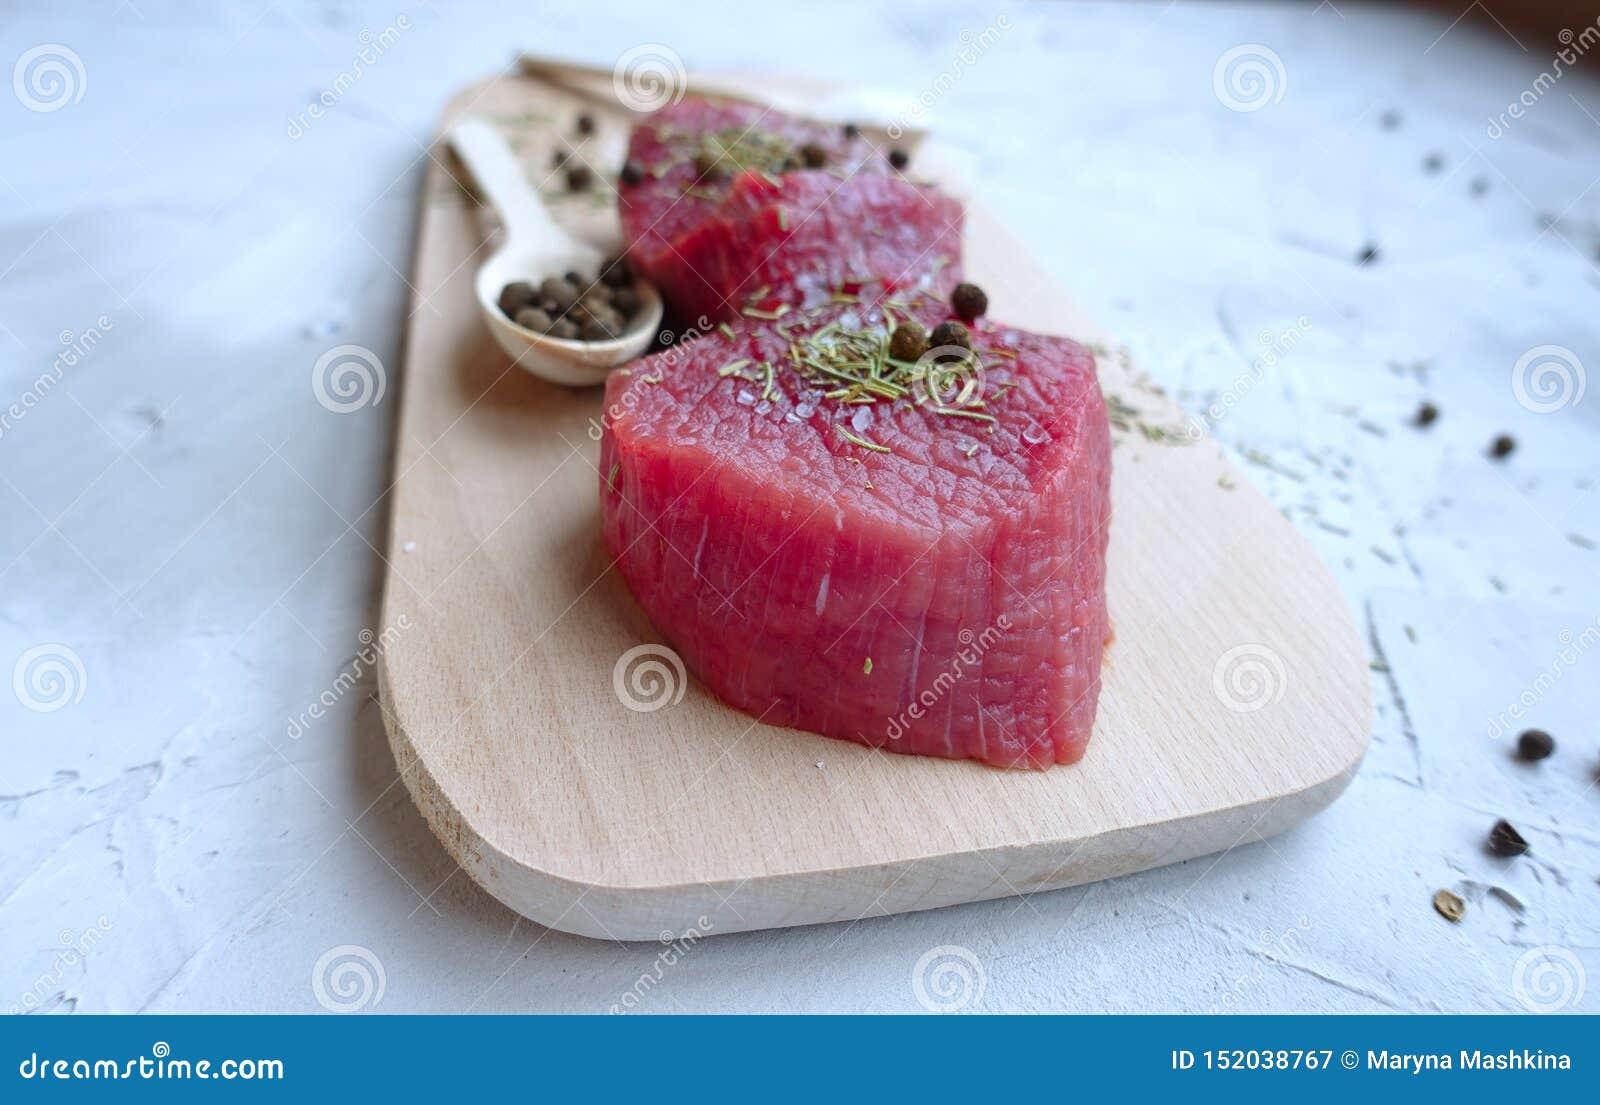 Tr?ny meat f?r br?de